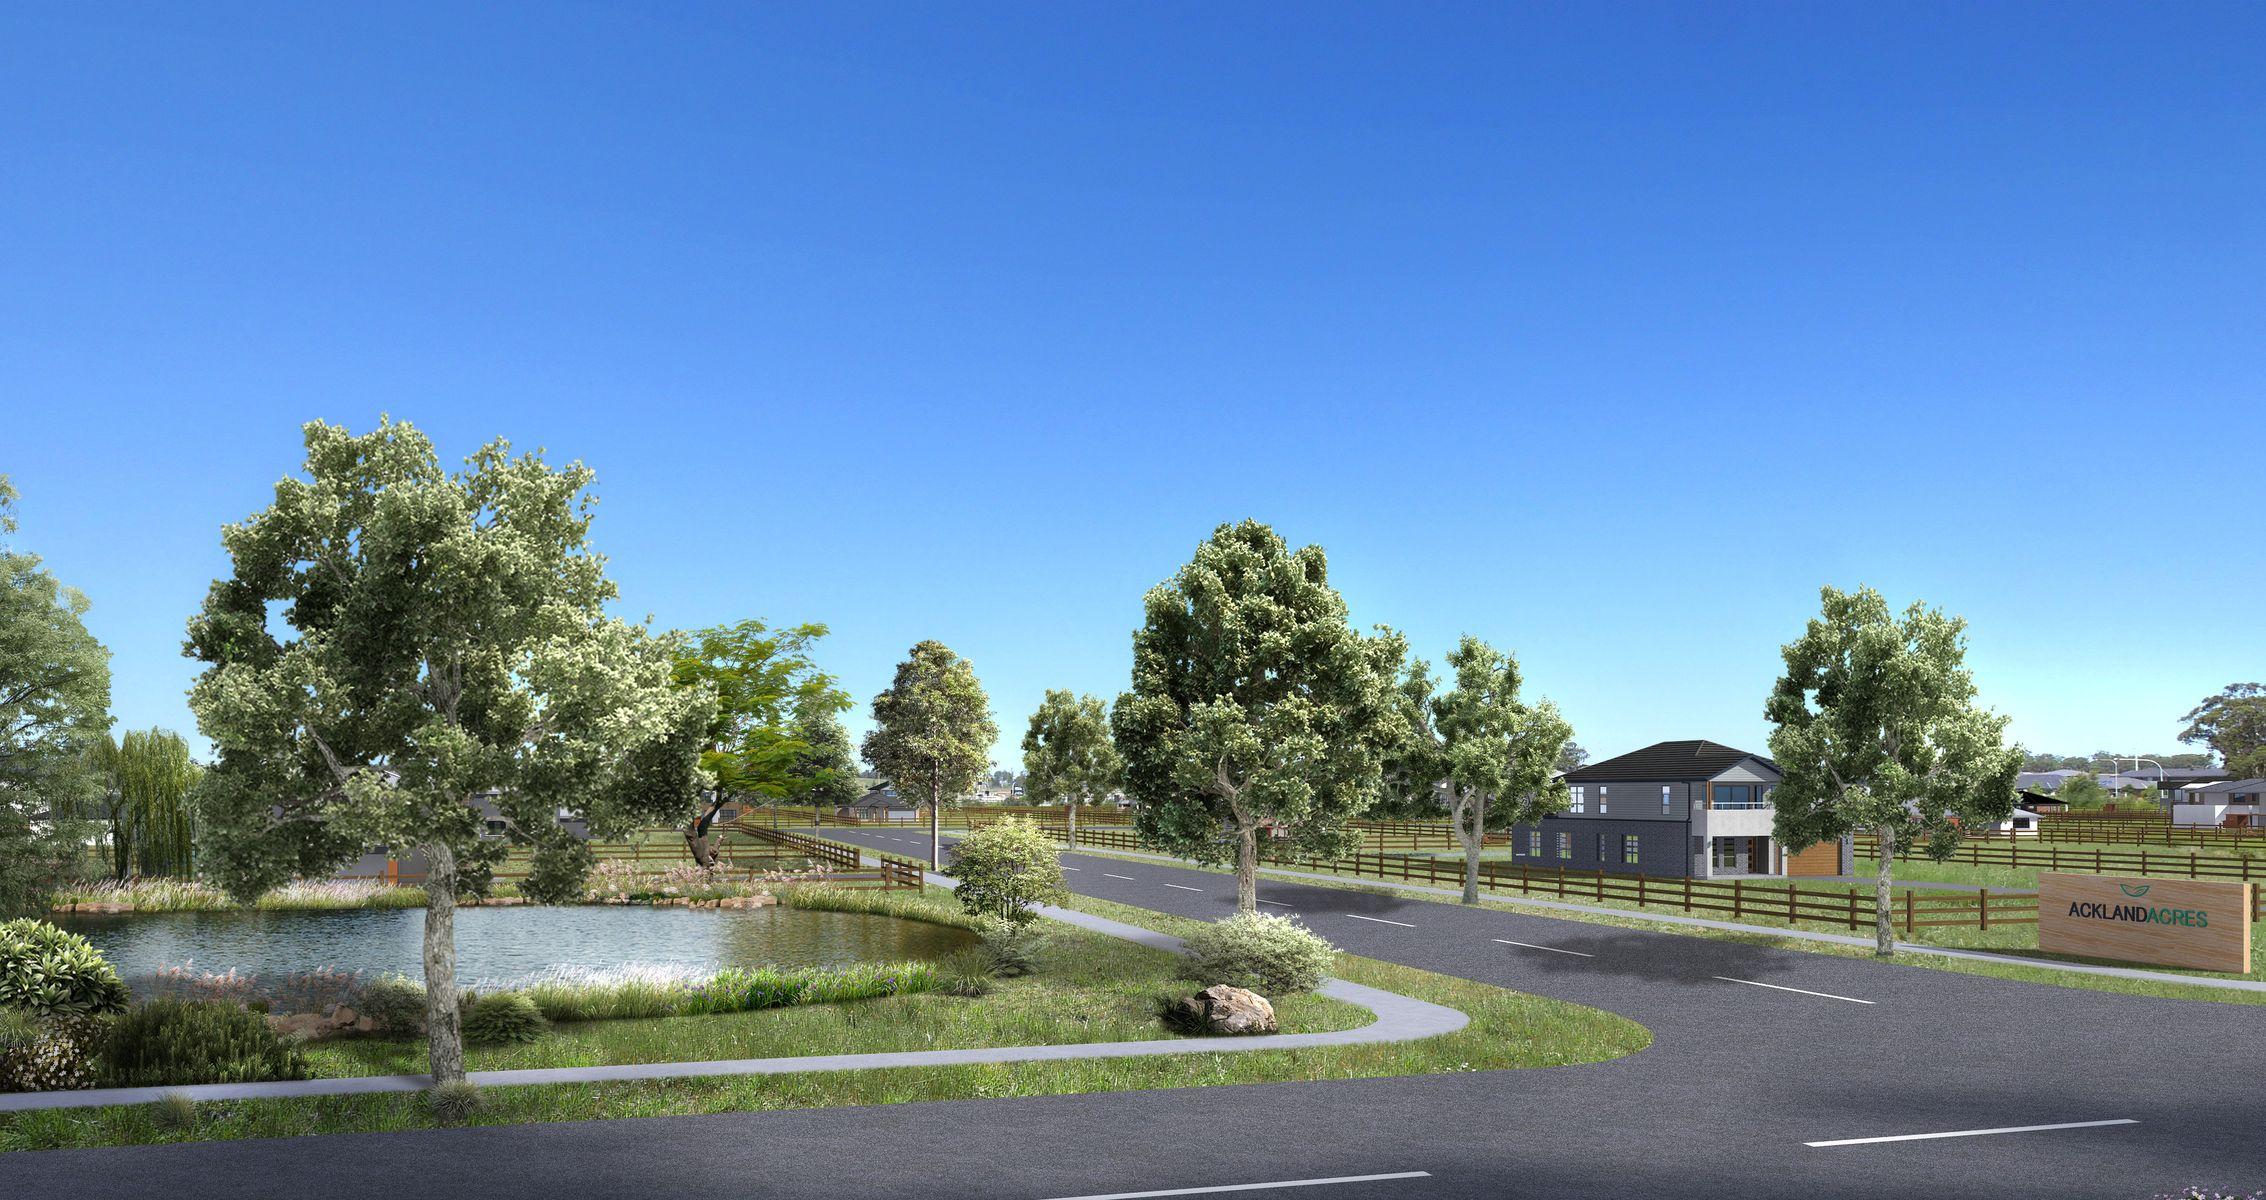 Lot 19 Ackland Acres, Lethbridge, VIC 3332